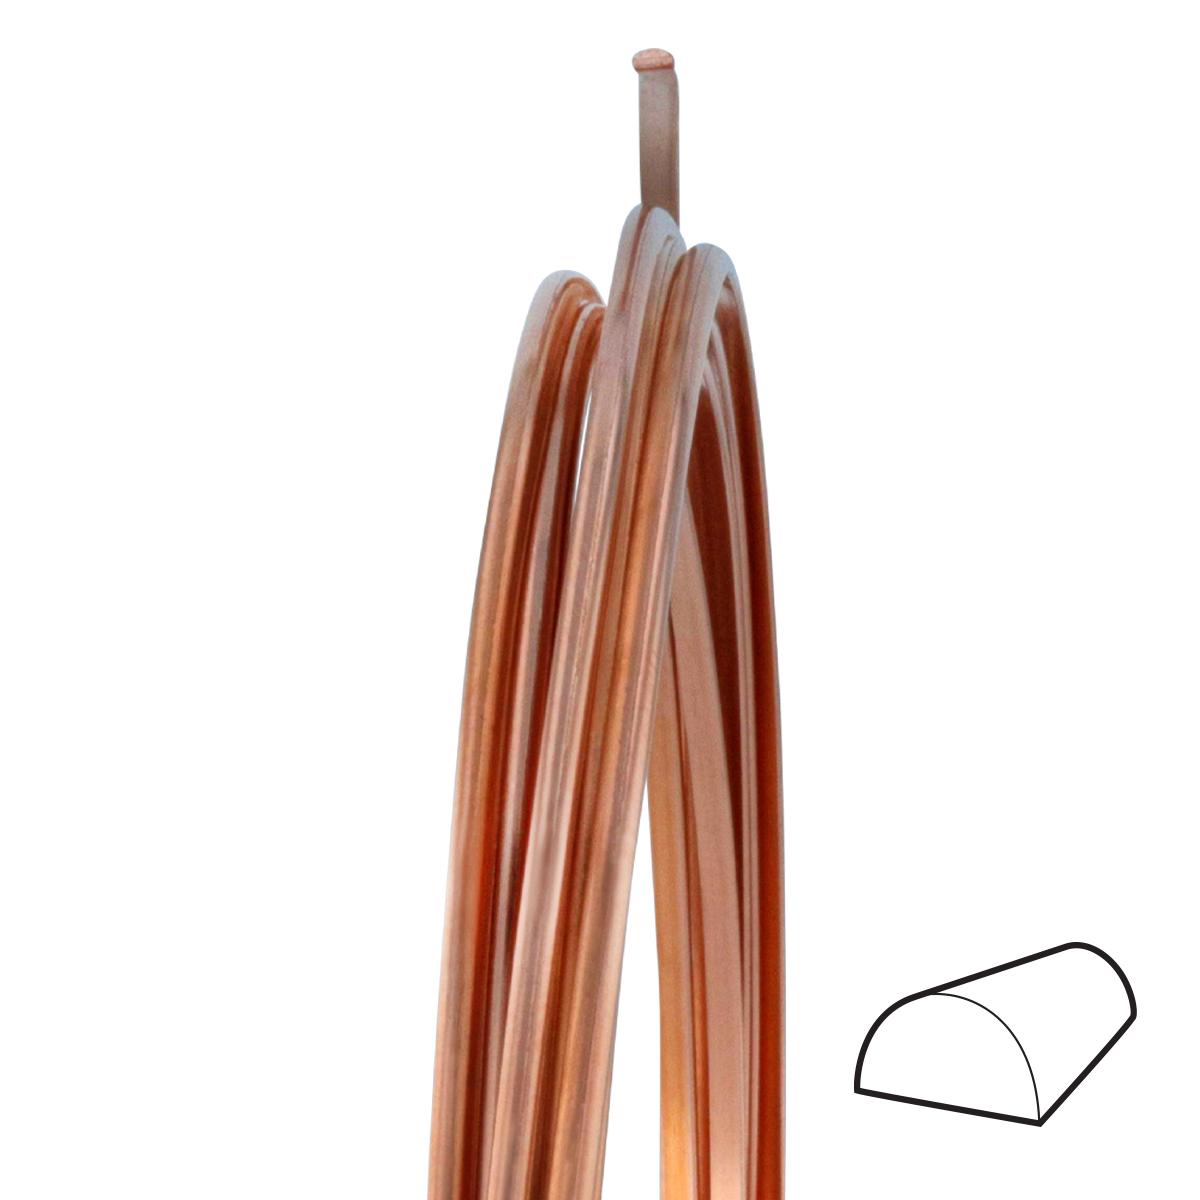 12 Gauge Half Round Dead Soft Copper Wire: Wire Jewelry | Wire Wrap ...